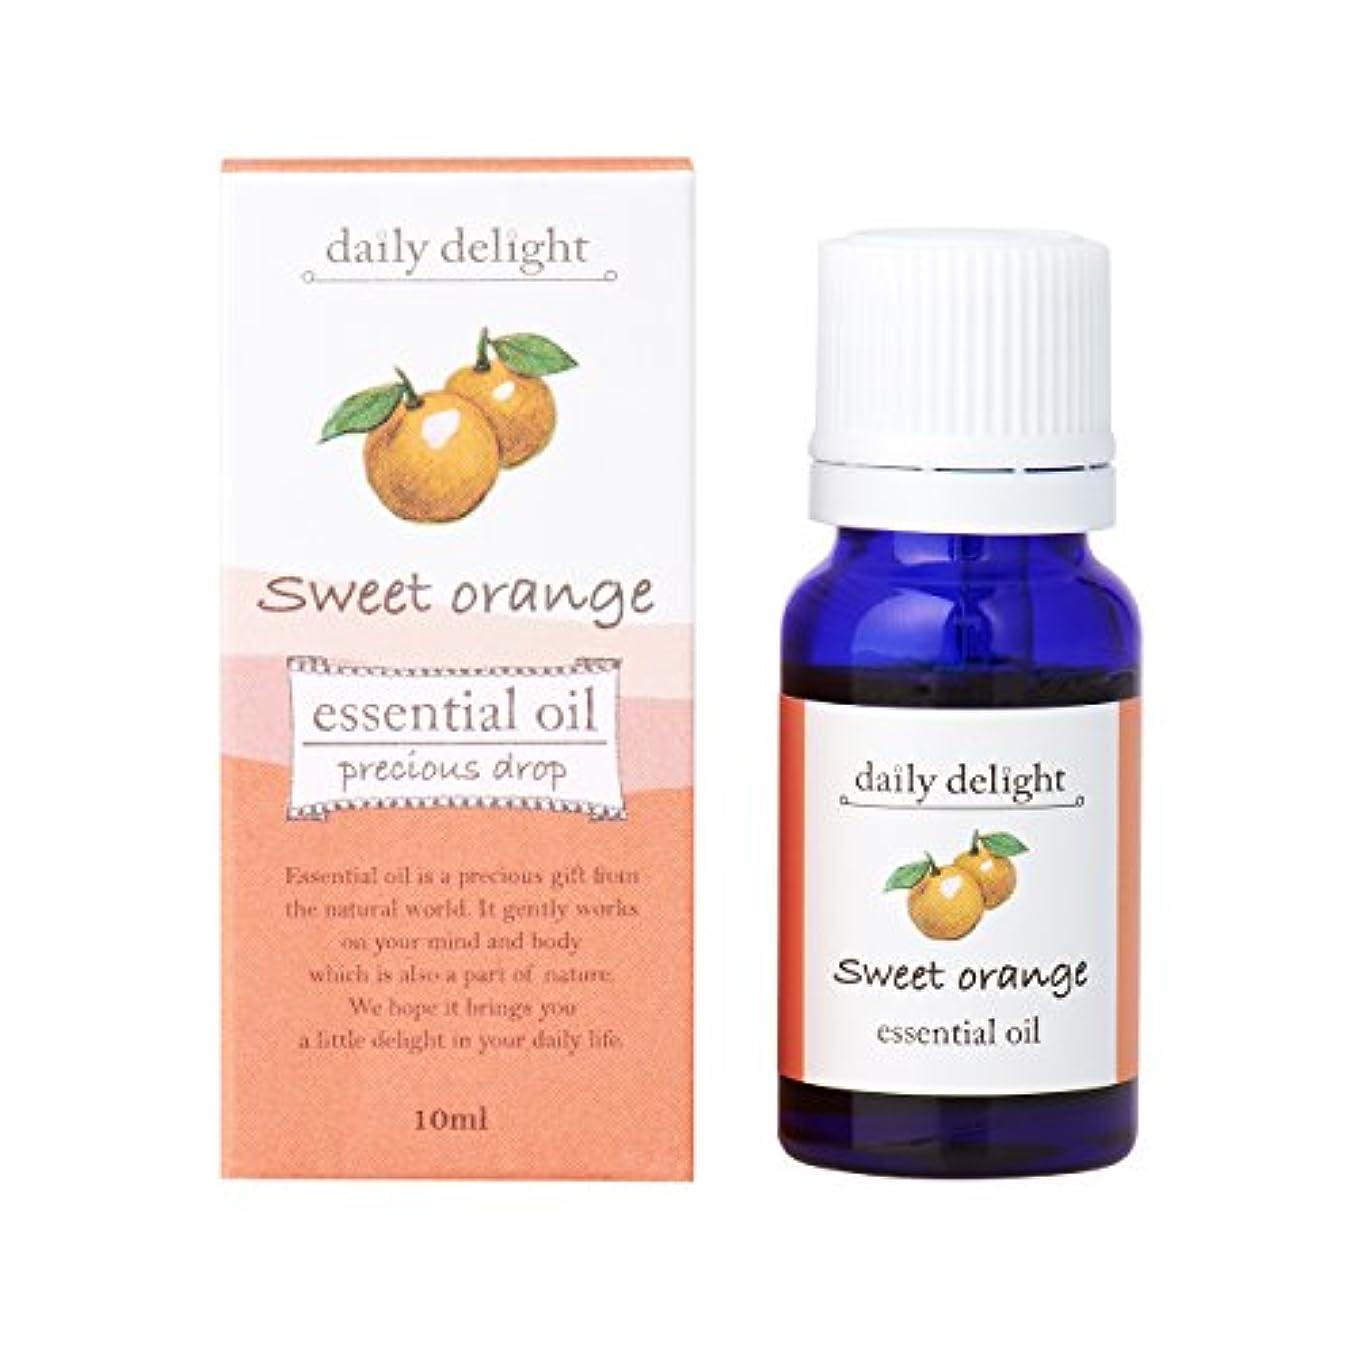 オズワルド変な明快デイリーディライト エッセンシャルオイル  スイートオレンジ 10ml(天然100% 精油 アロマ 柑橘系 フルーティで甘く爽やかな香り)